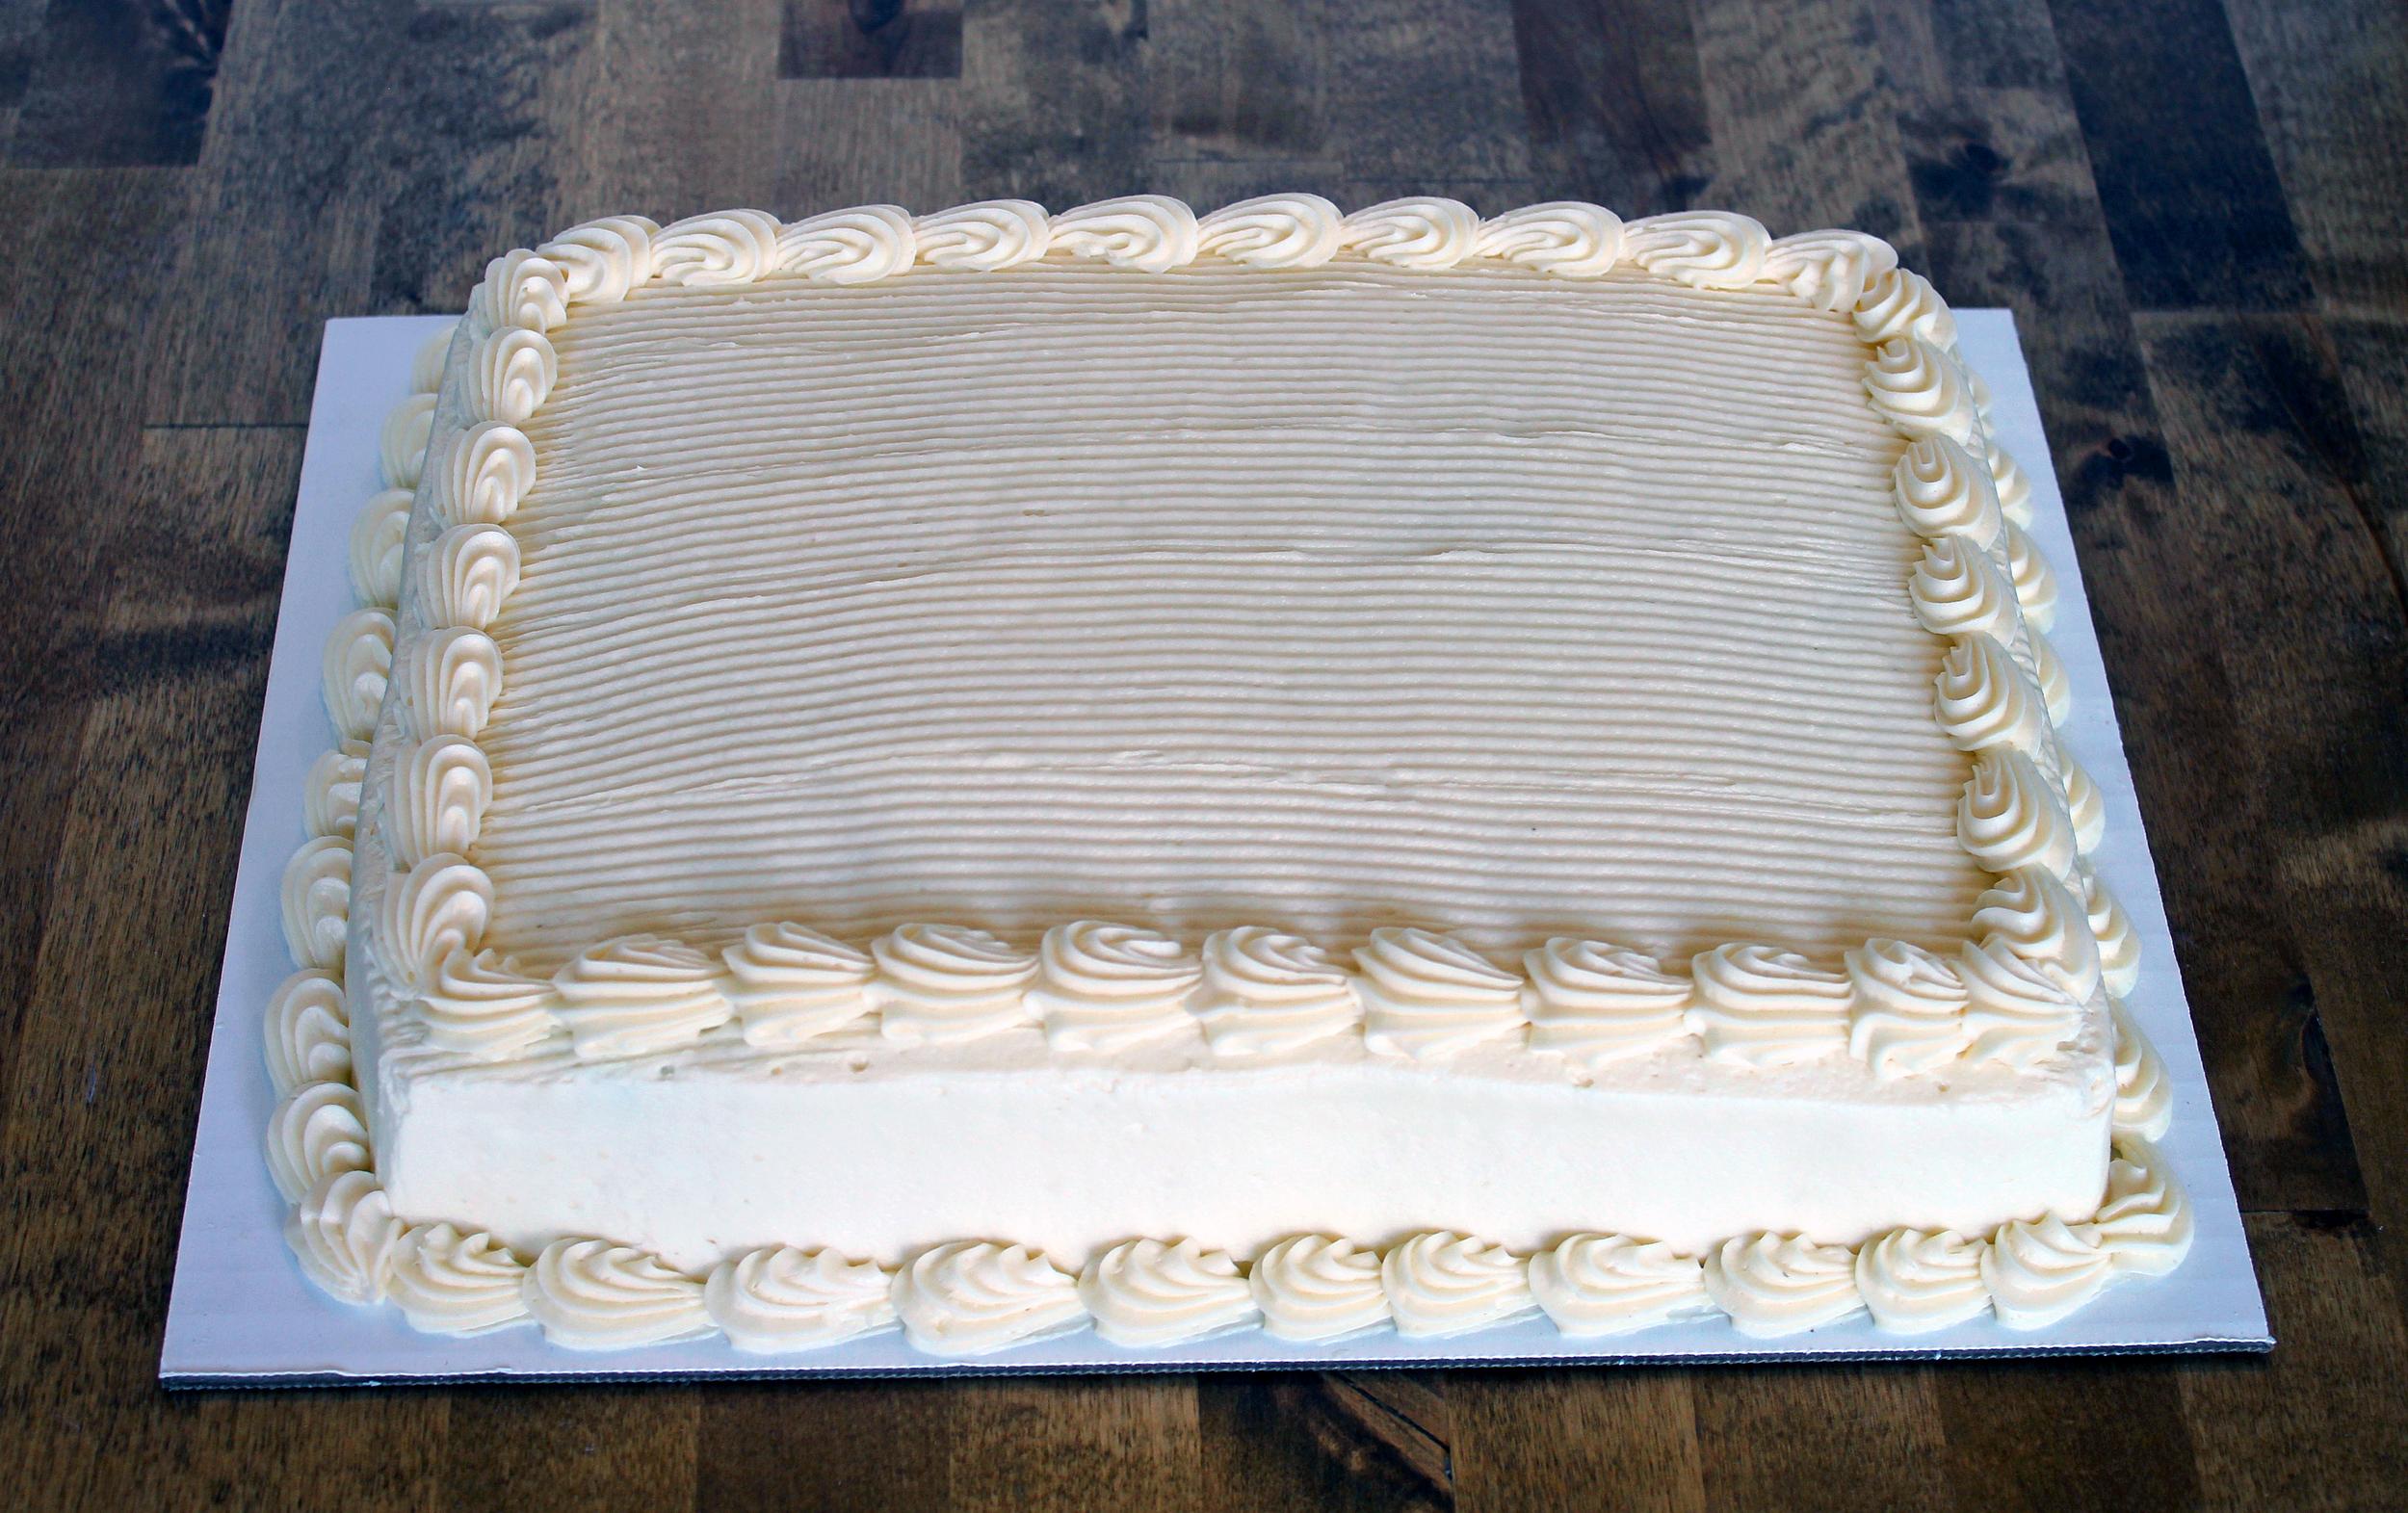 1/4 sheet cake - $23.99    serves 12 - 18 people